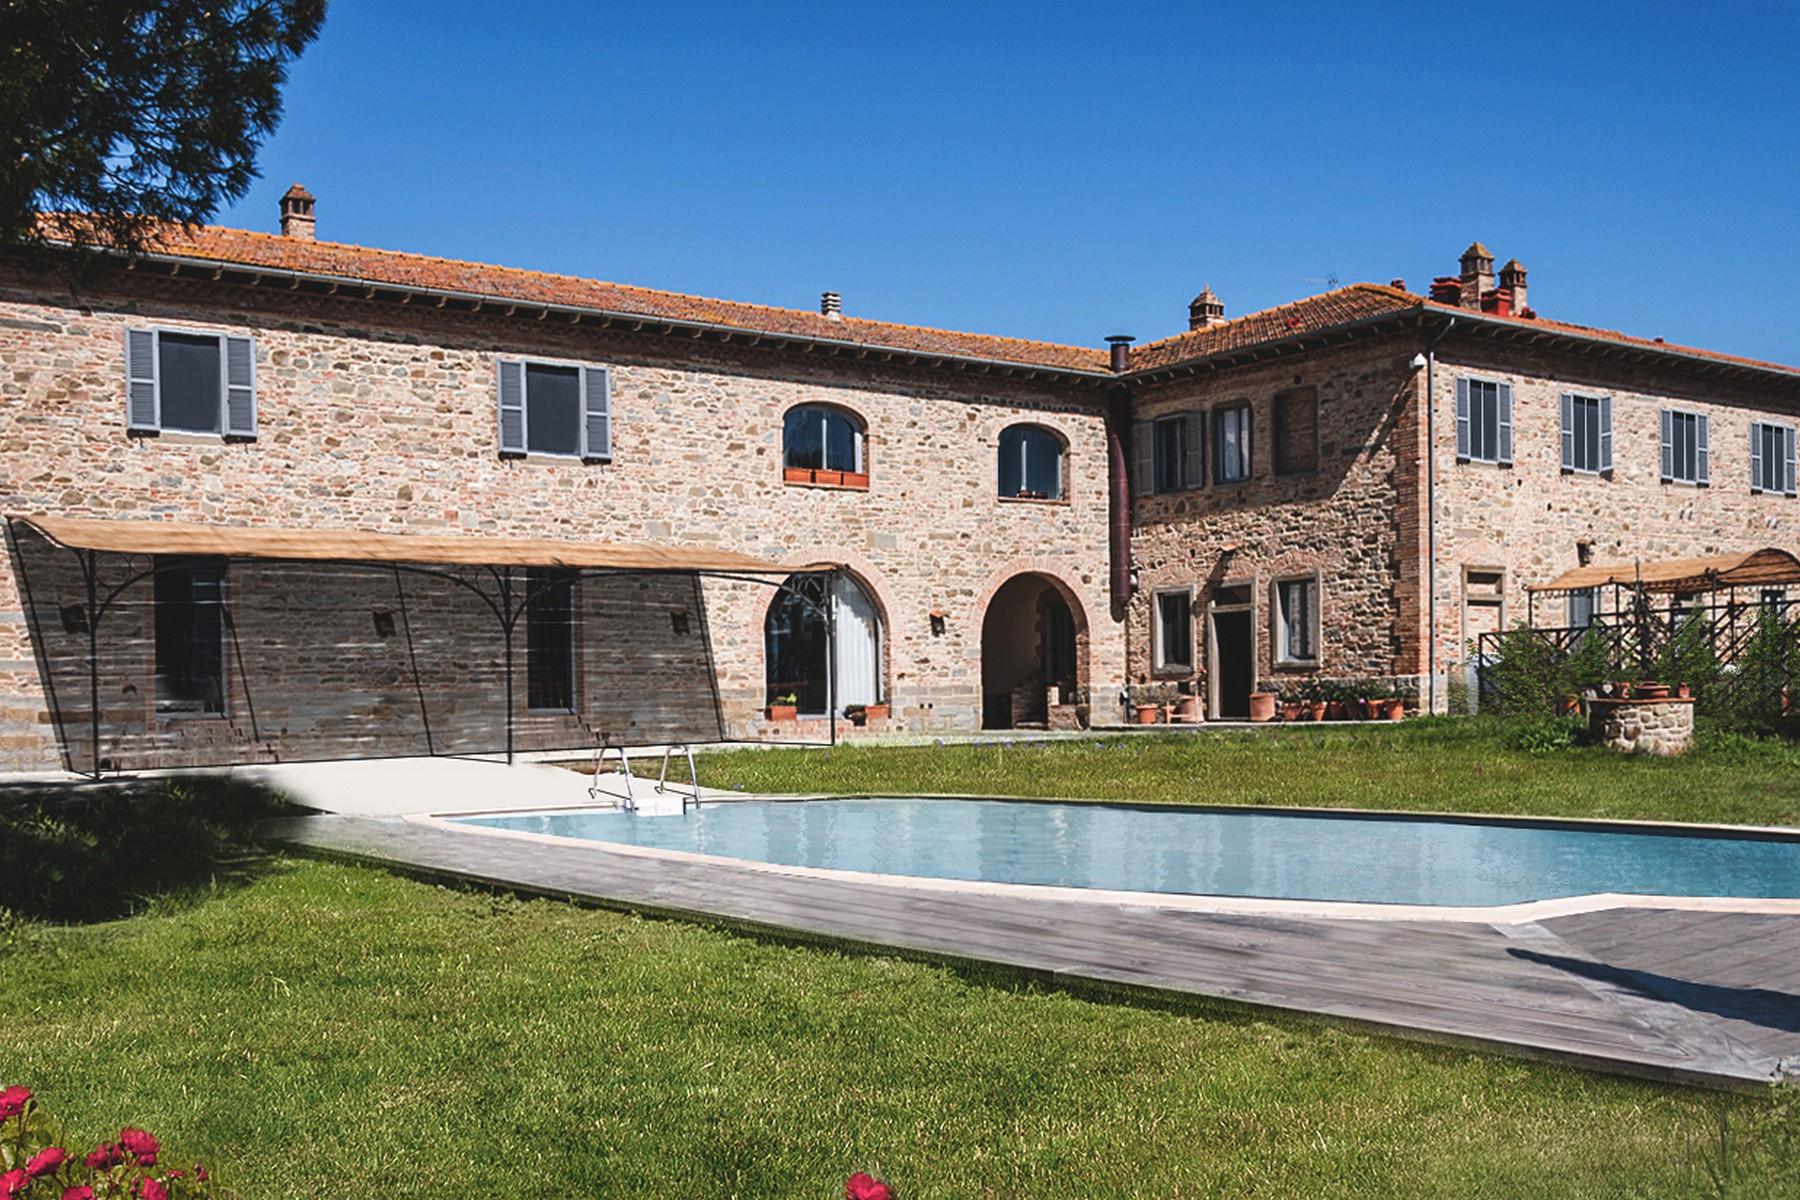 Rustico in Vendita a Castiglion Fiorentino: 5 locali, 1150 mq